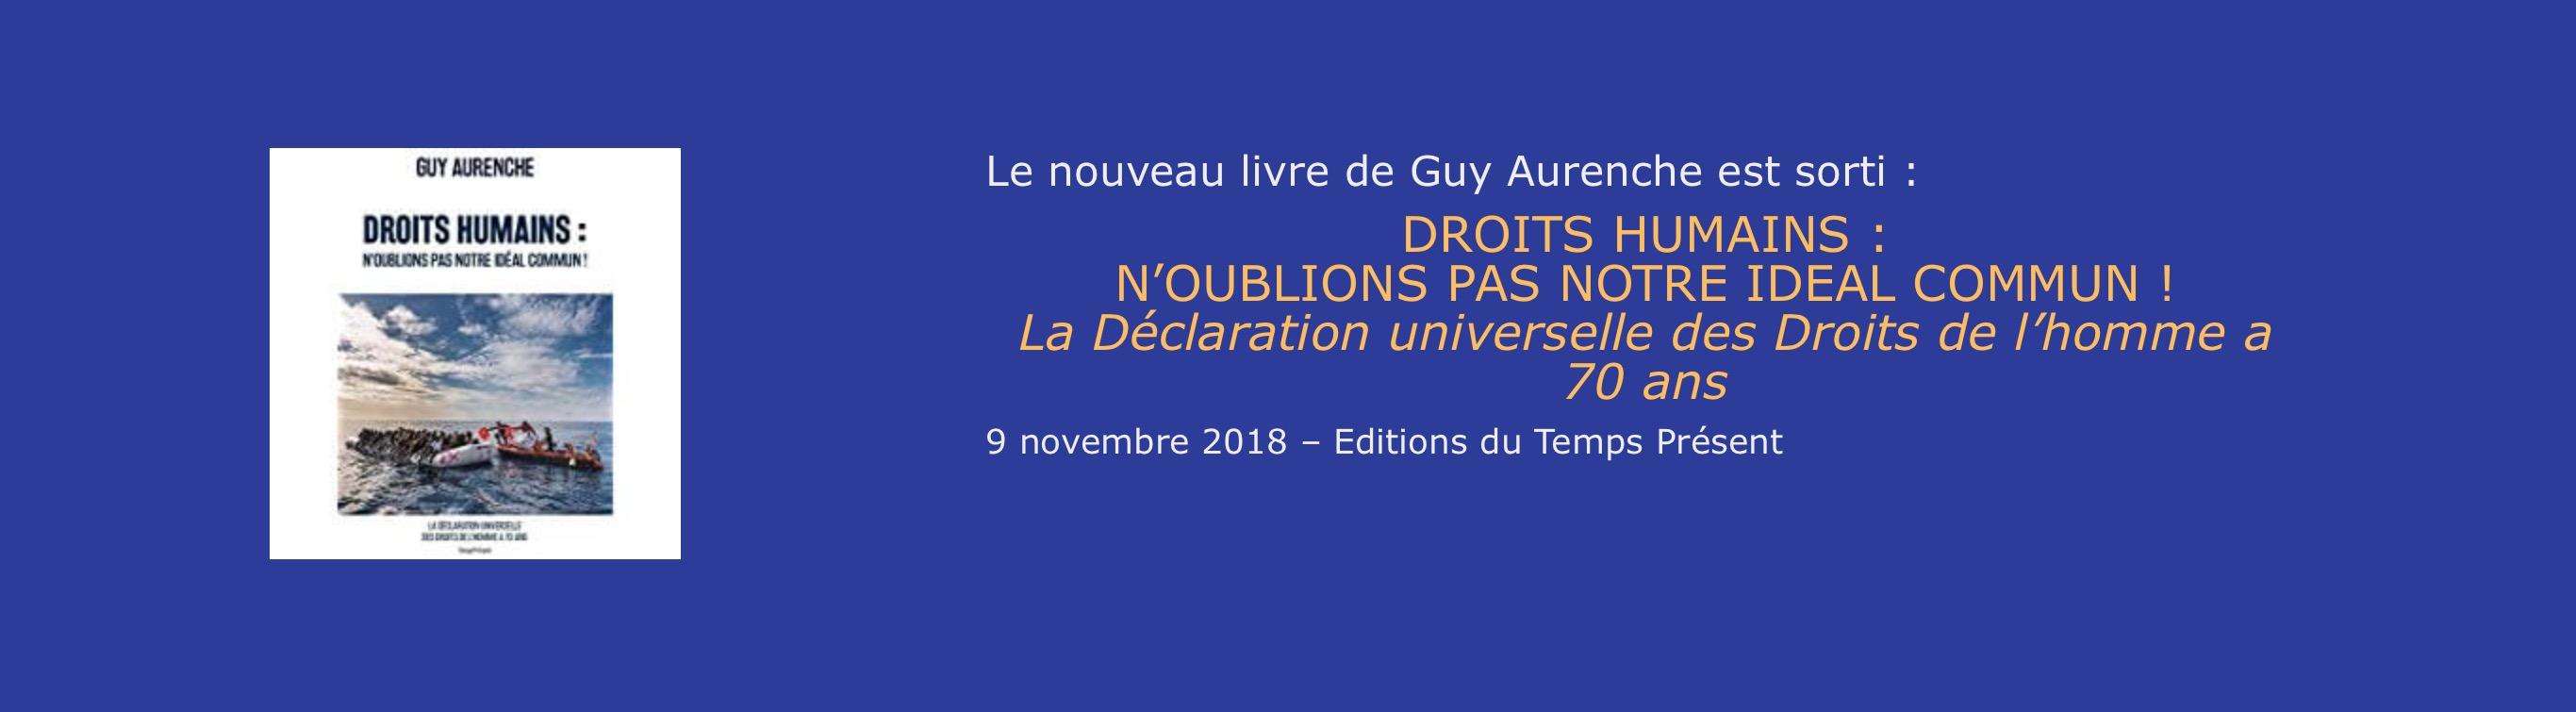 Interview de Guy Aurenche